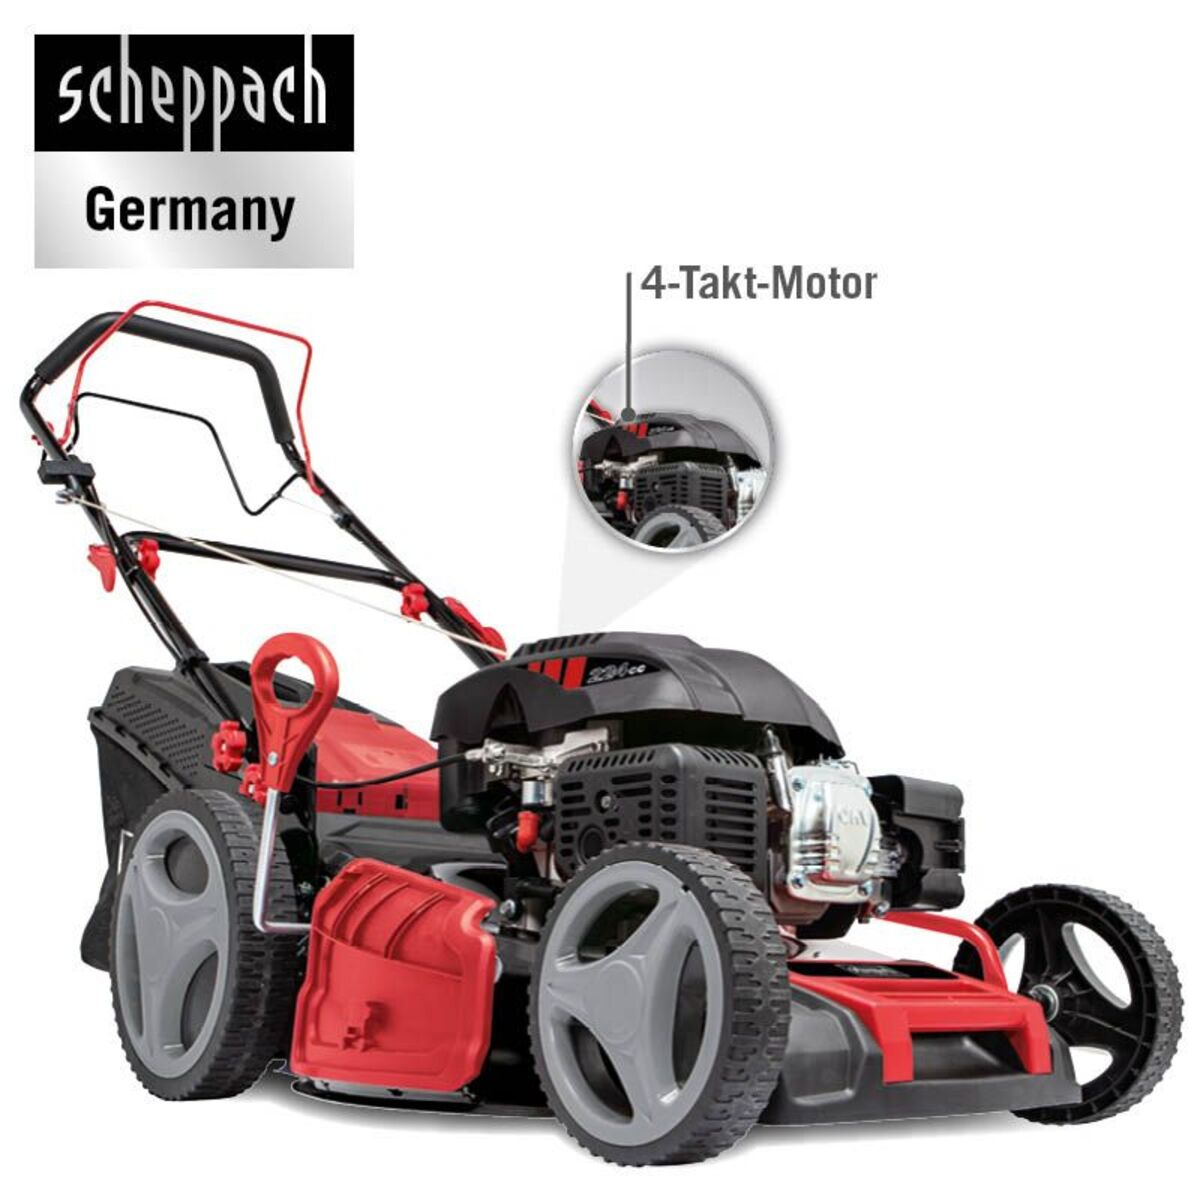 Bild 1 von Scheppach 6 in 1 Benzin-Rasenmäher MS226-53 SE